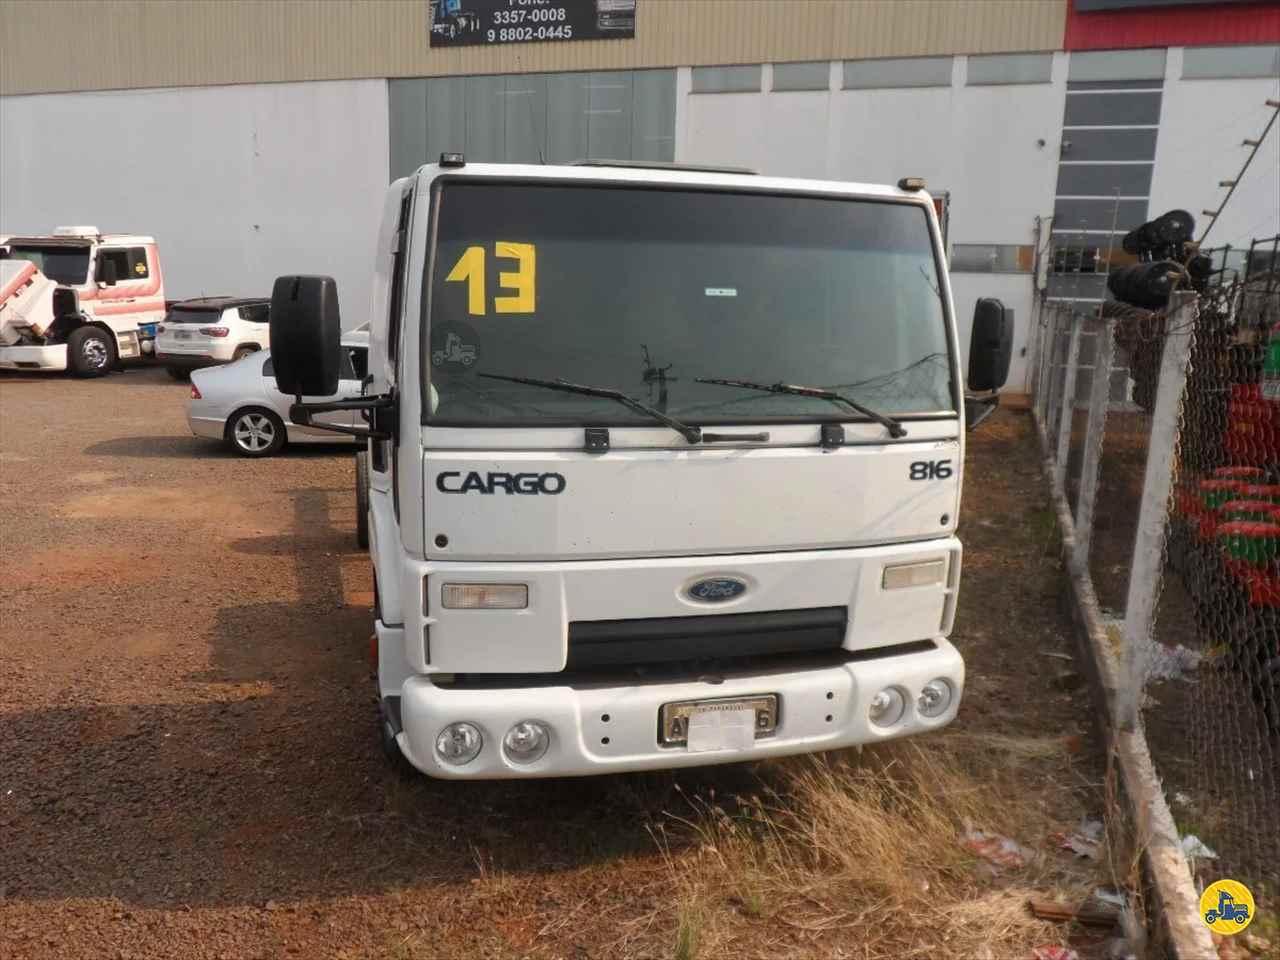 FORD CARGO 816 276000km 2013/2013 Maracavel Londrina Caminhões